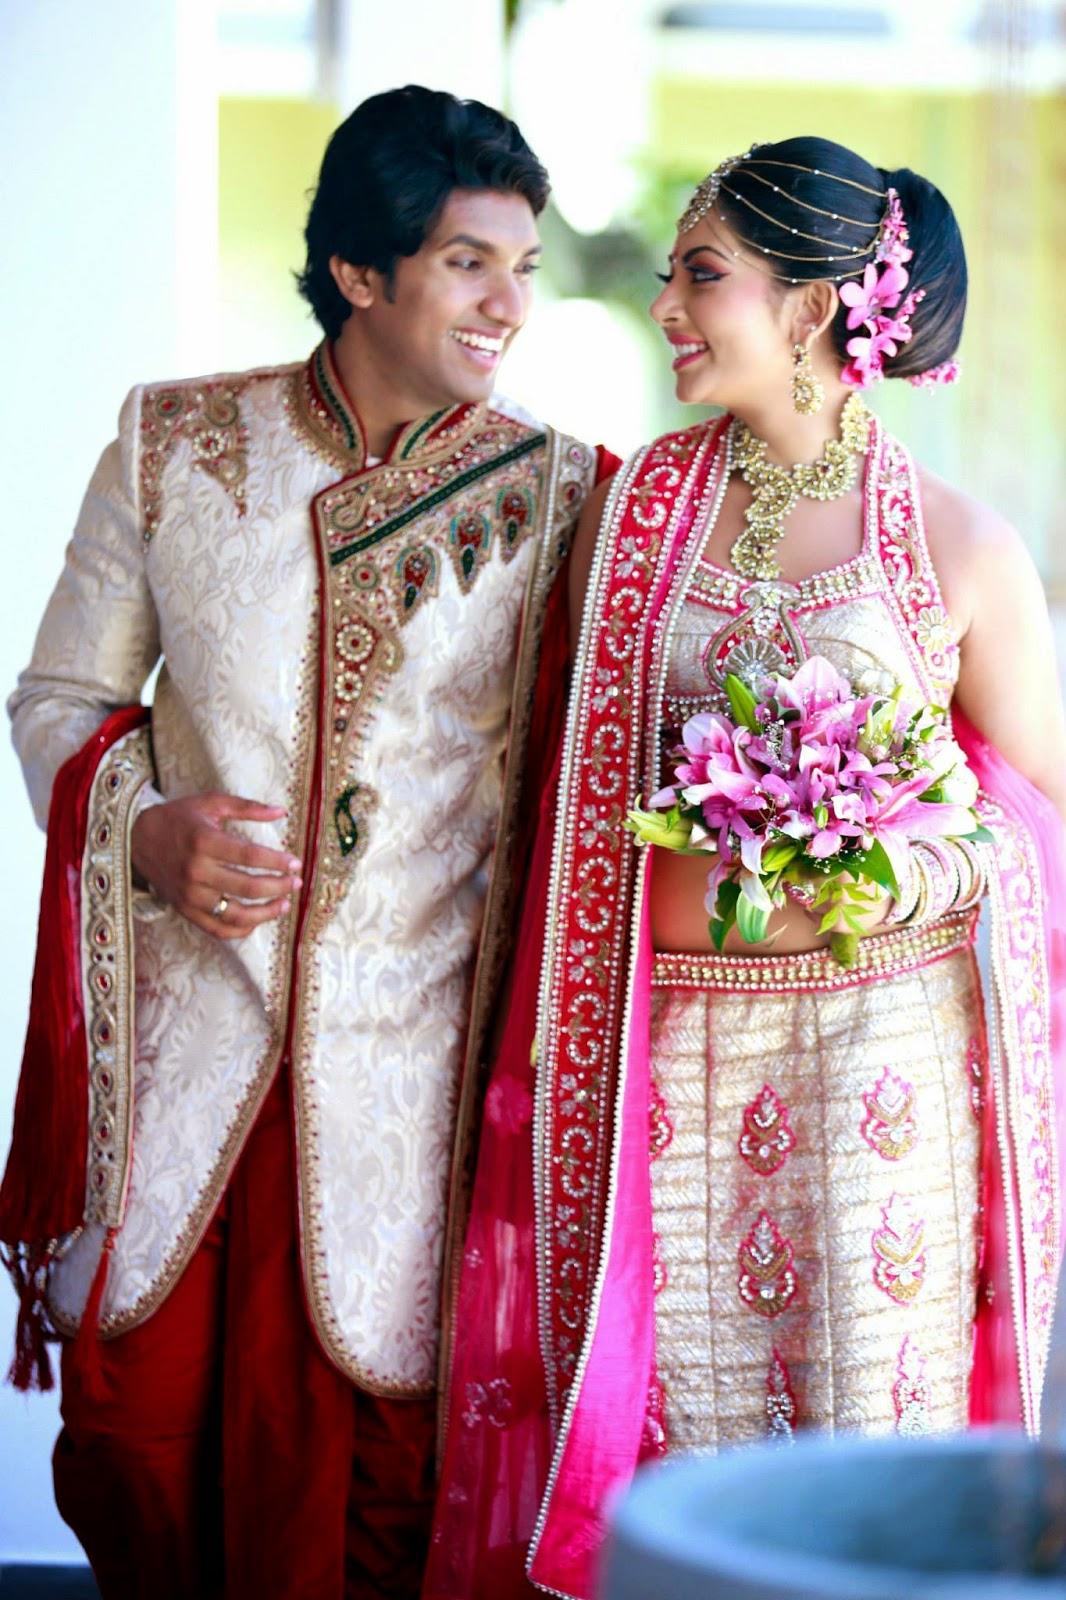 udari kaushalya wedding day sri lankan wedding photo